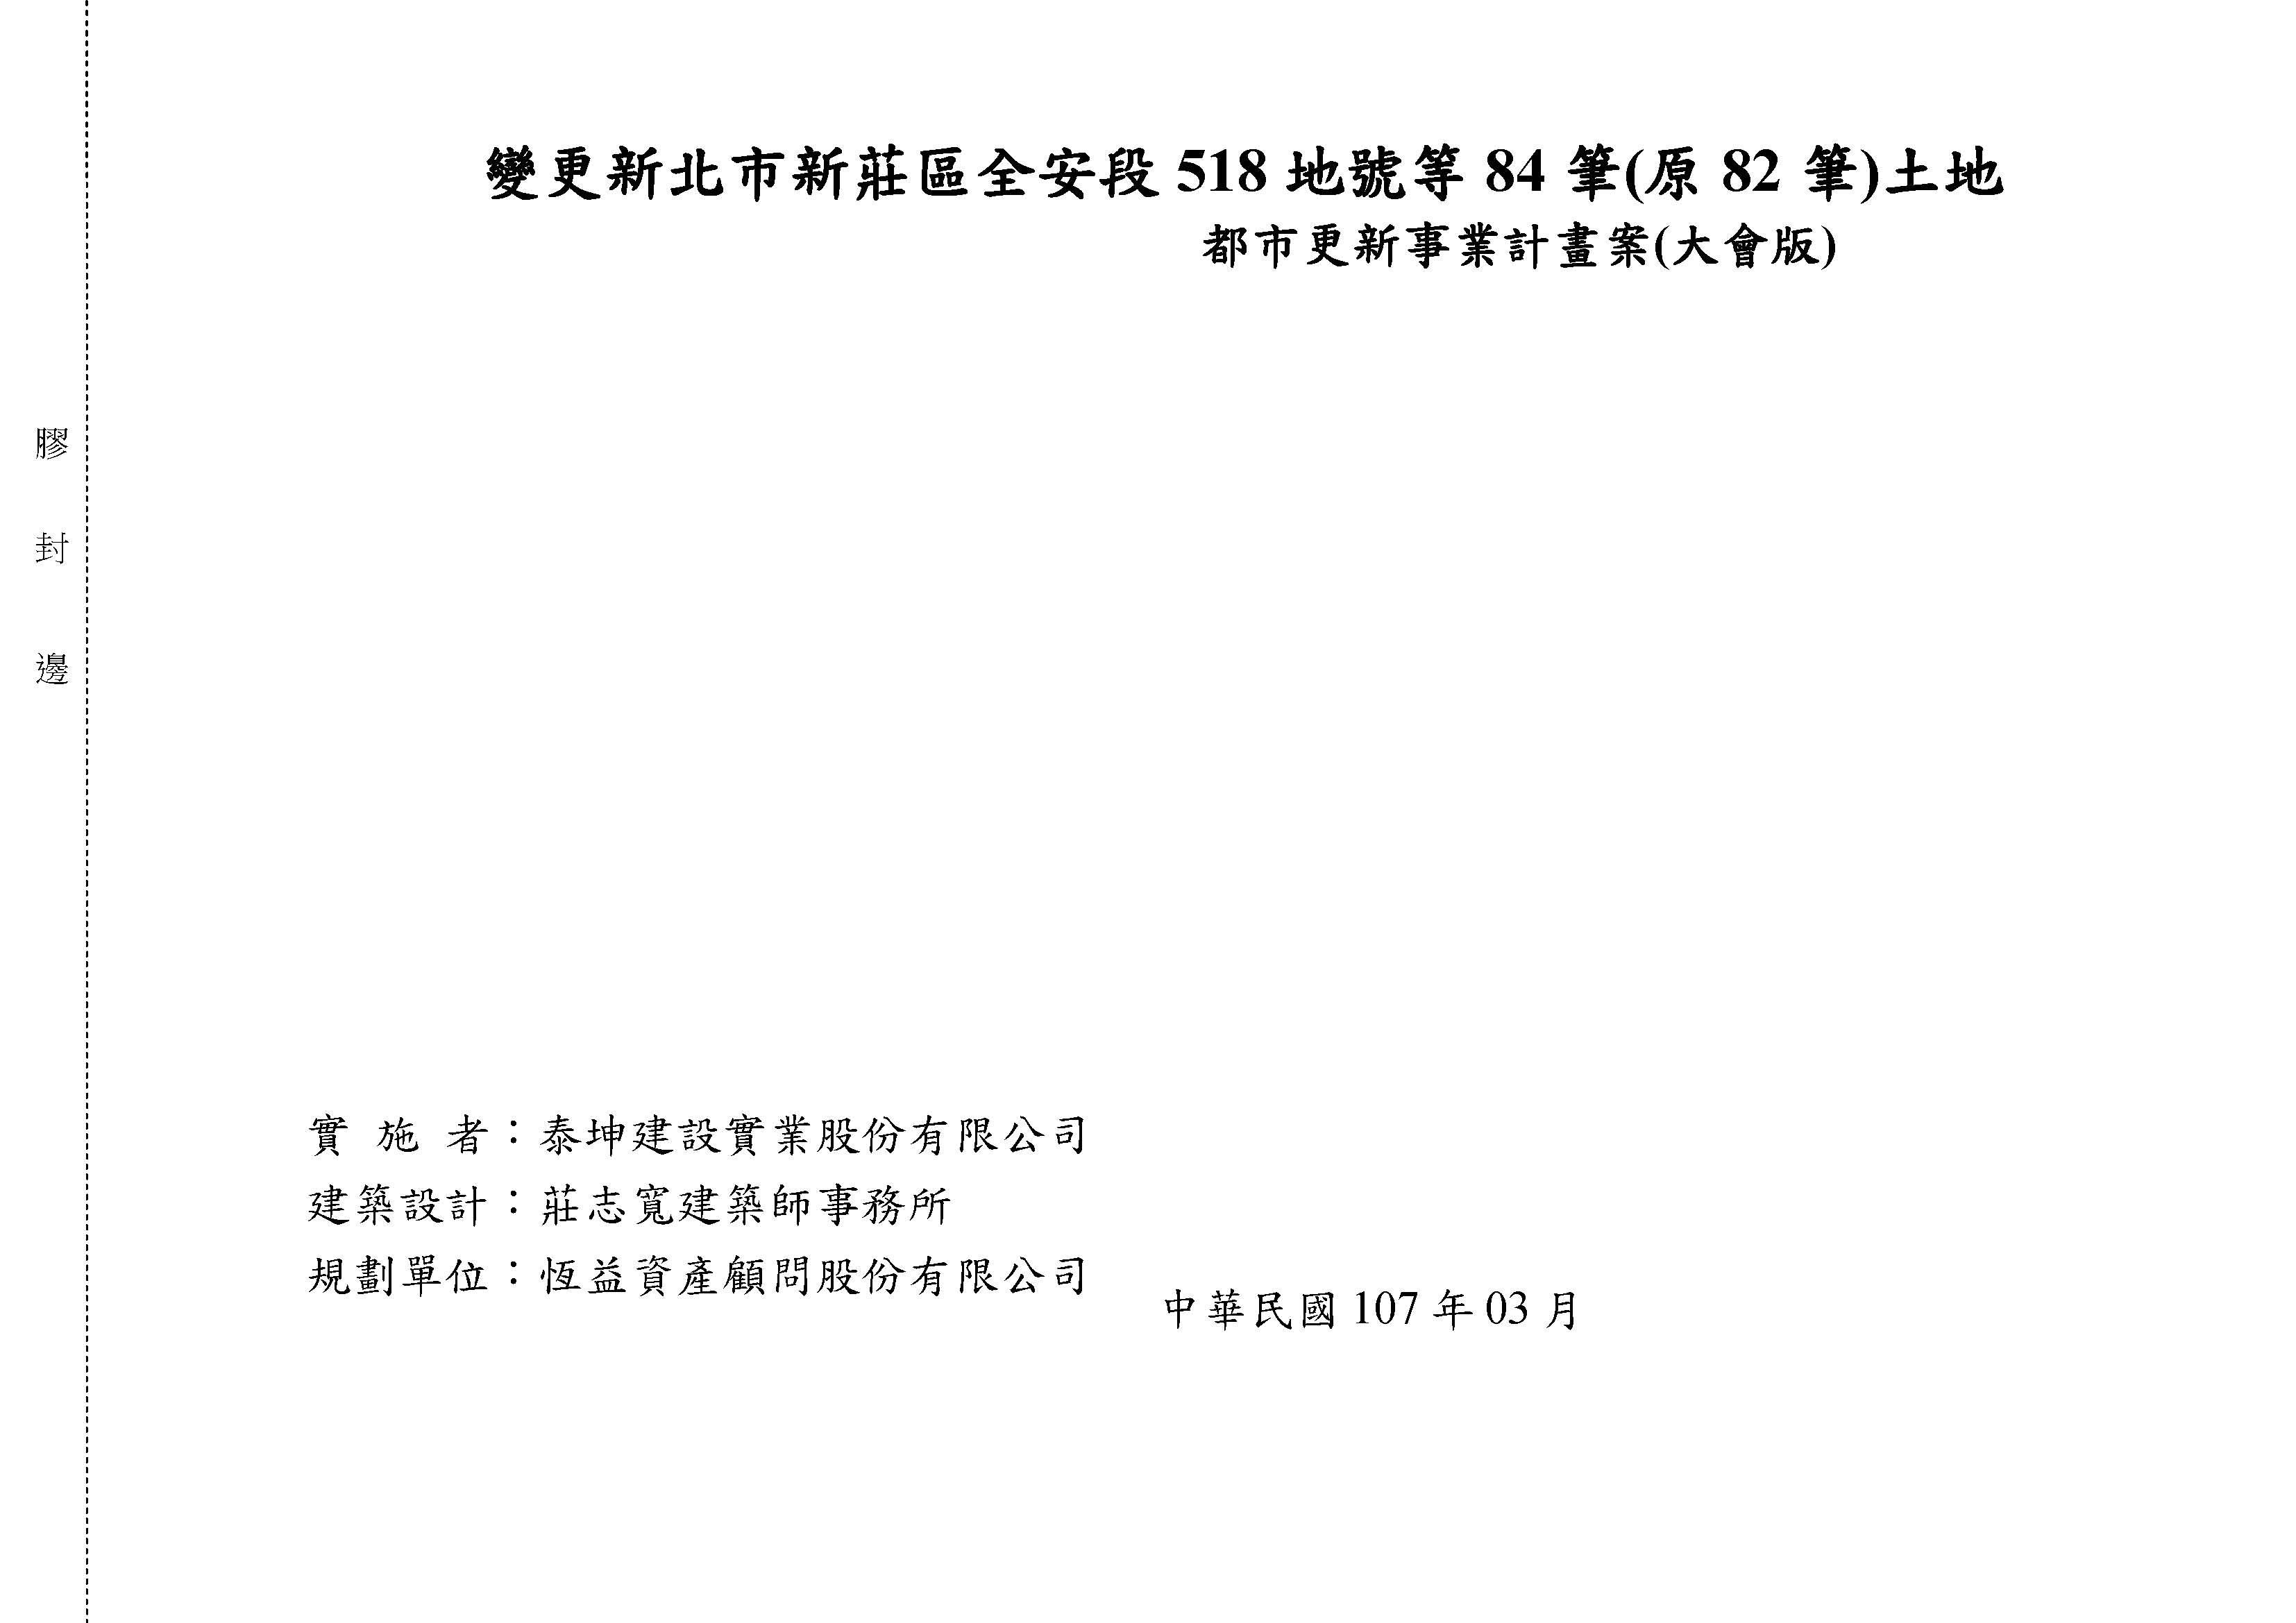 1070615_第一次變更設計(大會版報告書)_頁面_001